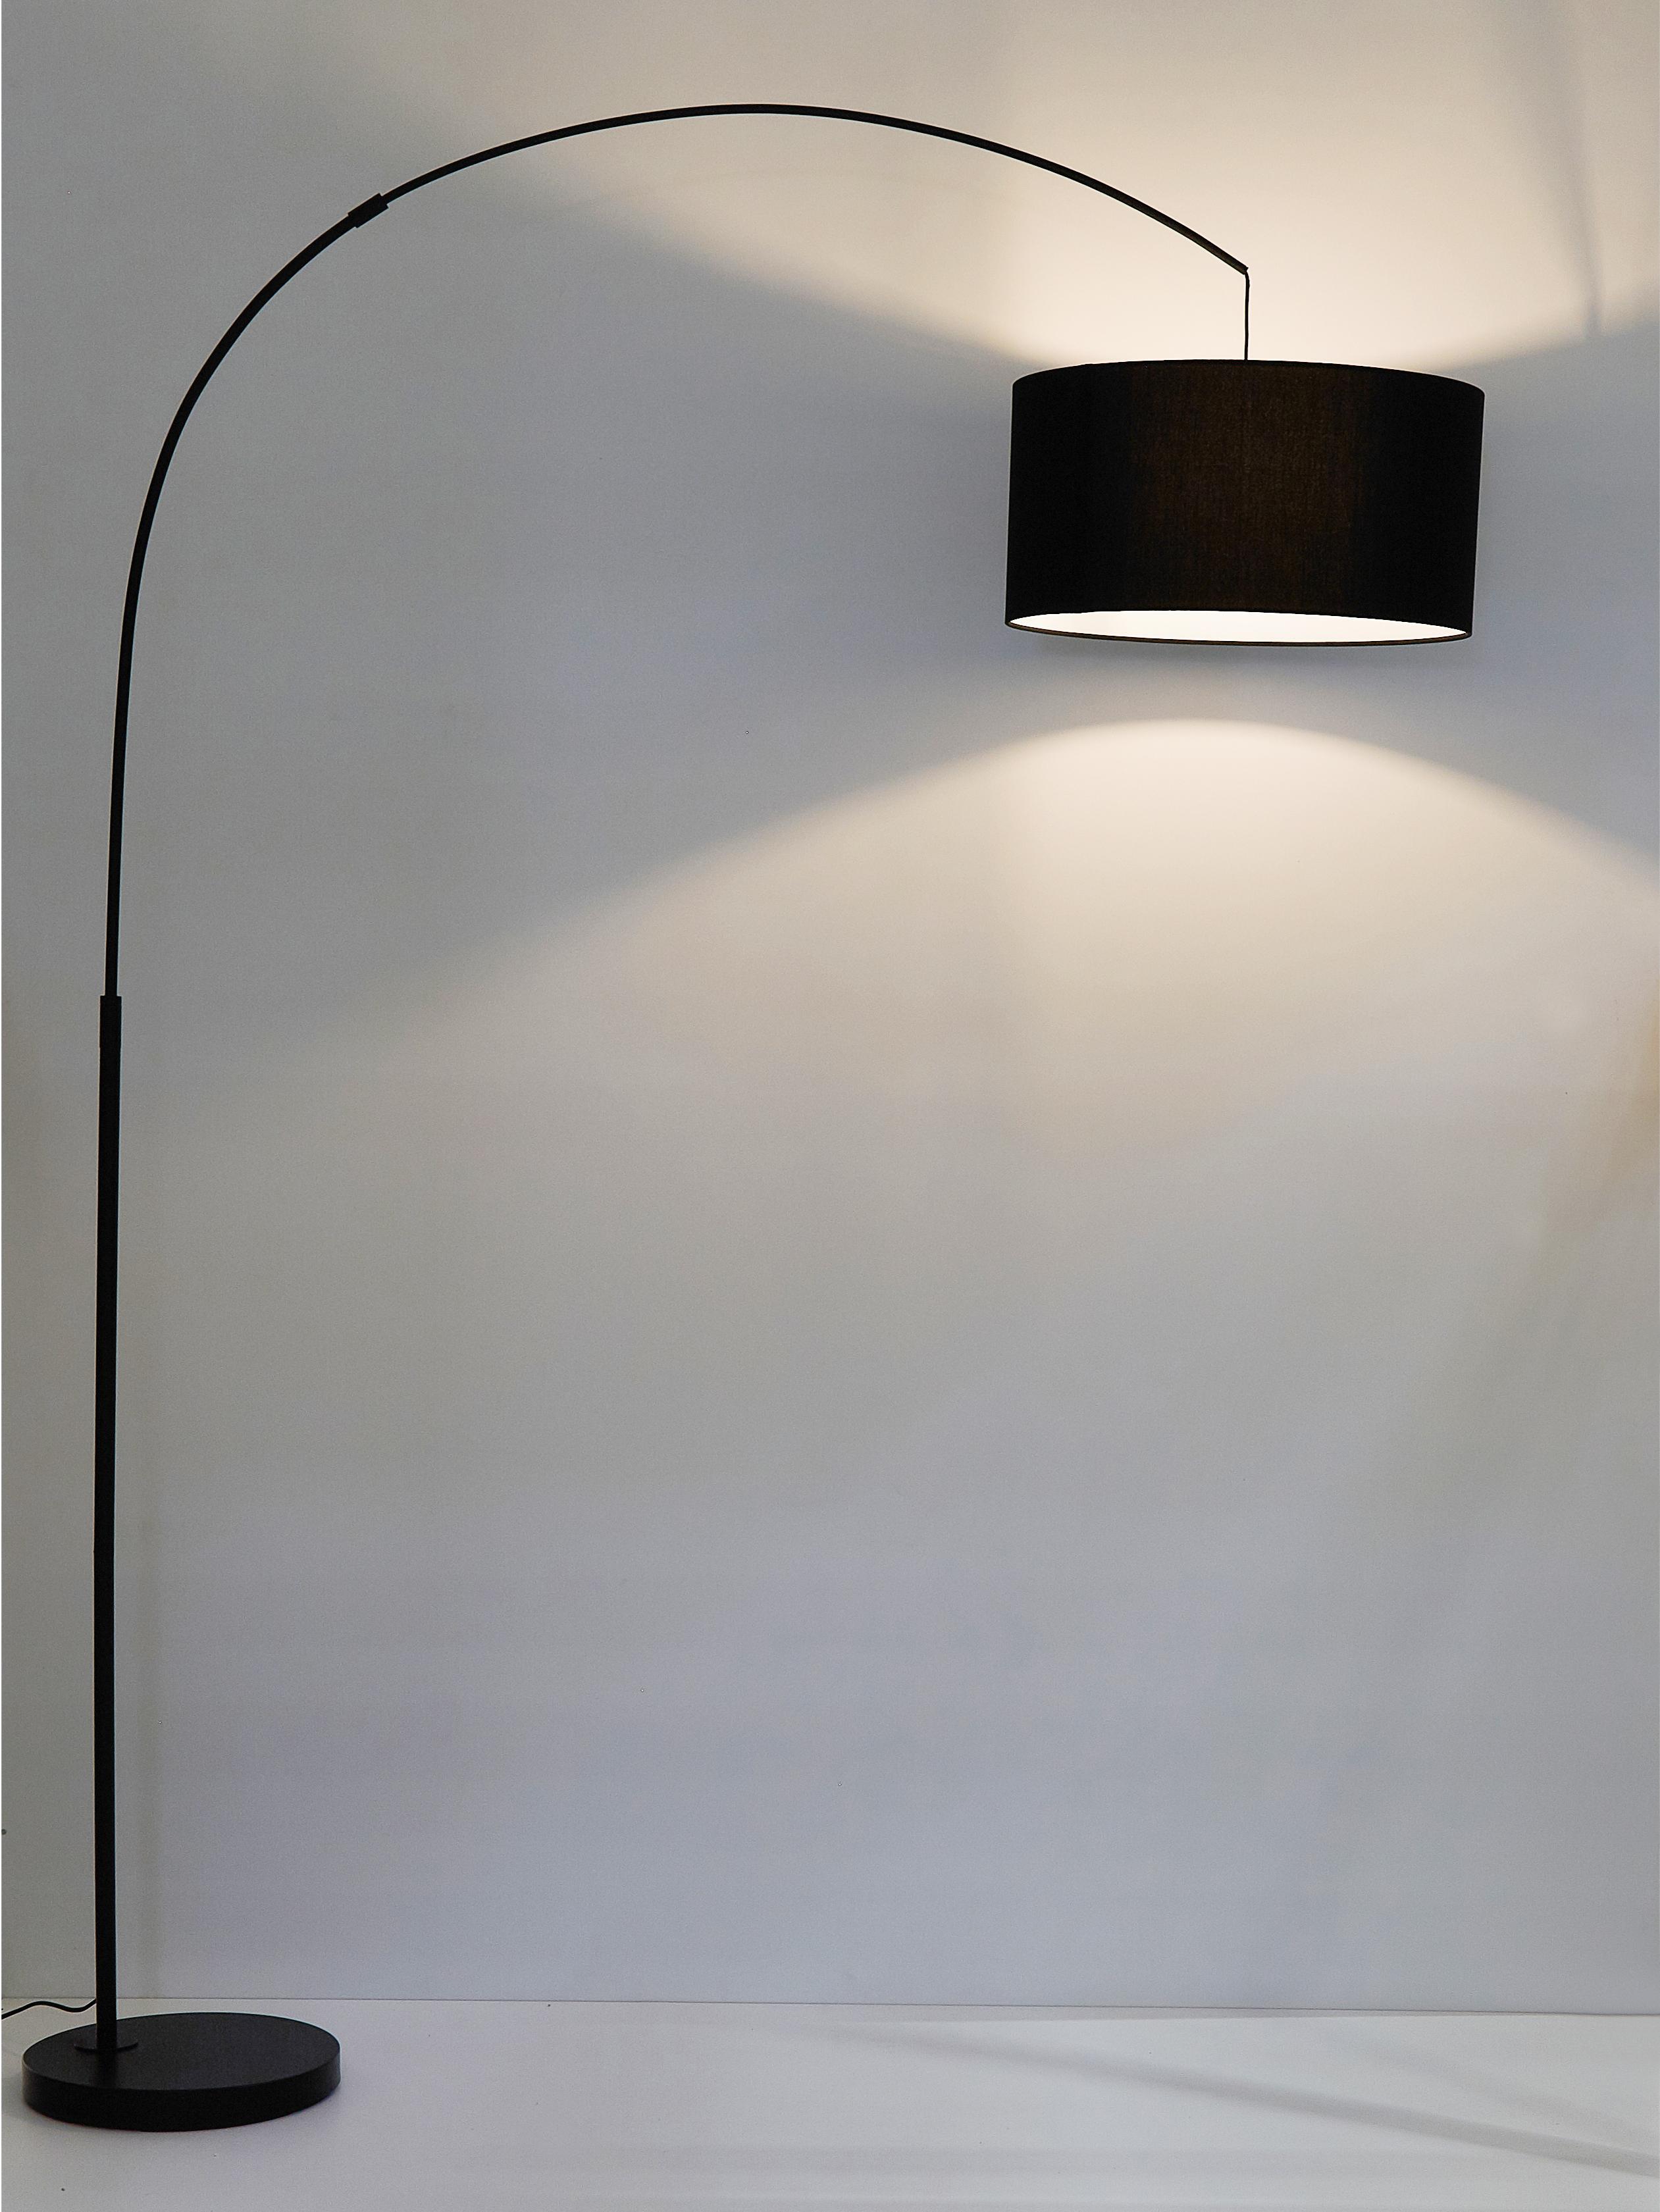 Bogenlampe Niels, Lampenschirm: Baumwollgemisch, Lampenschirm: SchwarzLampenfuss: Schwarz, mattKabel: Schwarz, 157 x 218 cm